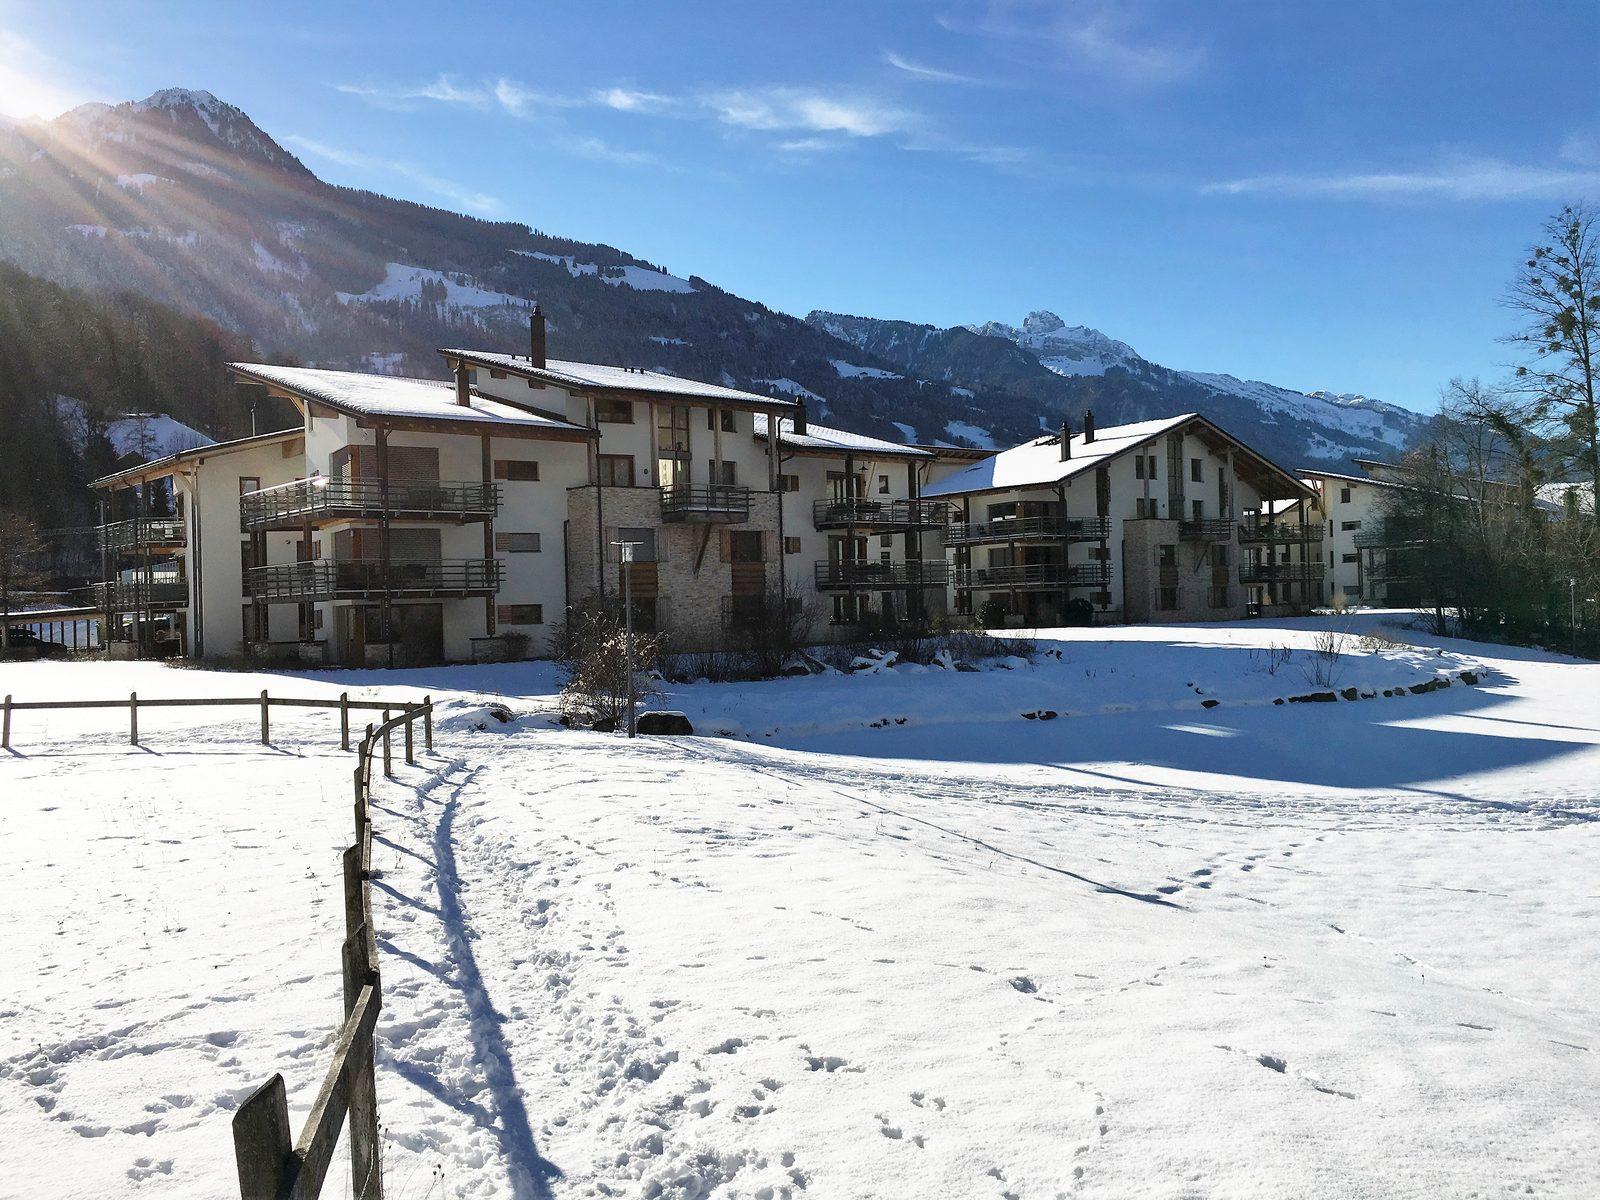 Resort Walensee Heidiland Flumsberg Schweiz, am Fuße des Flumsbergs, für einen perfekten Wintersporturlaub auf Skiern